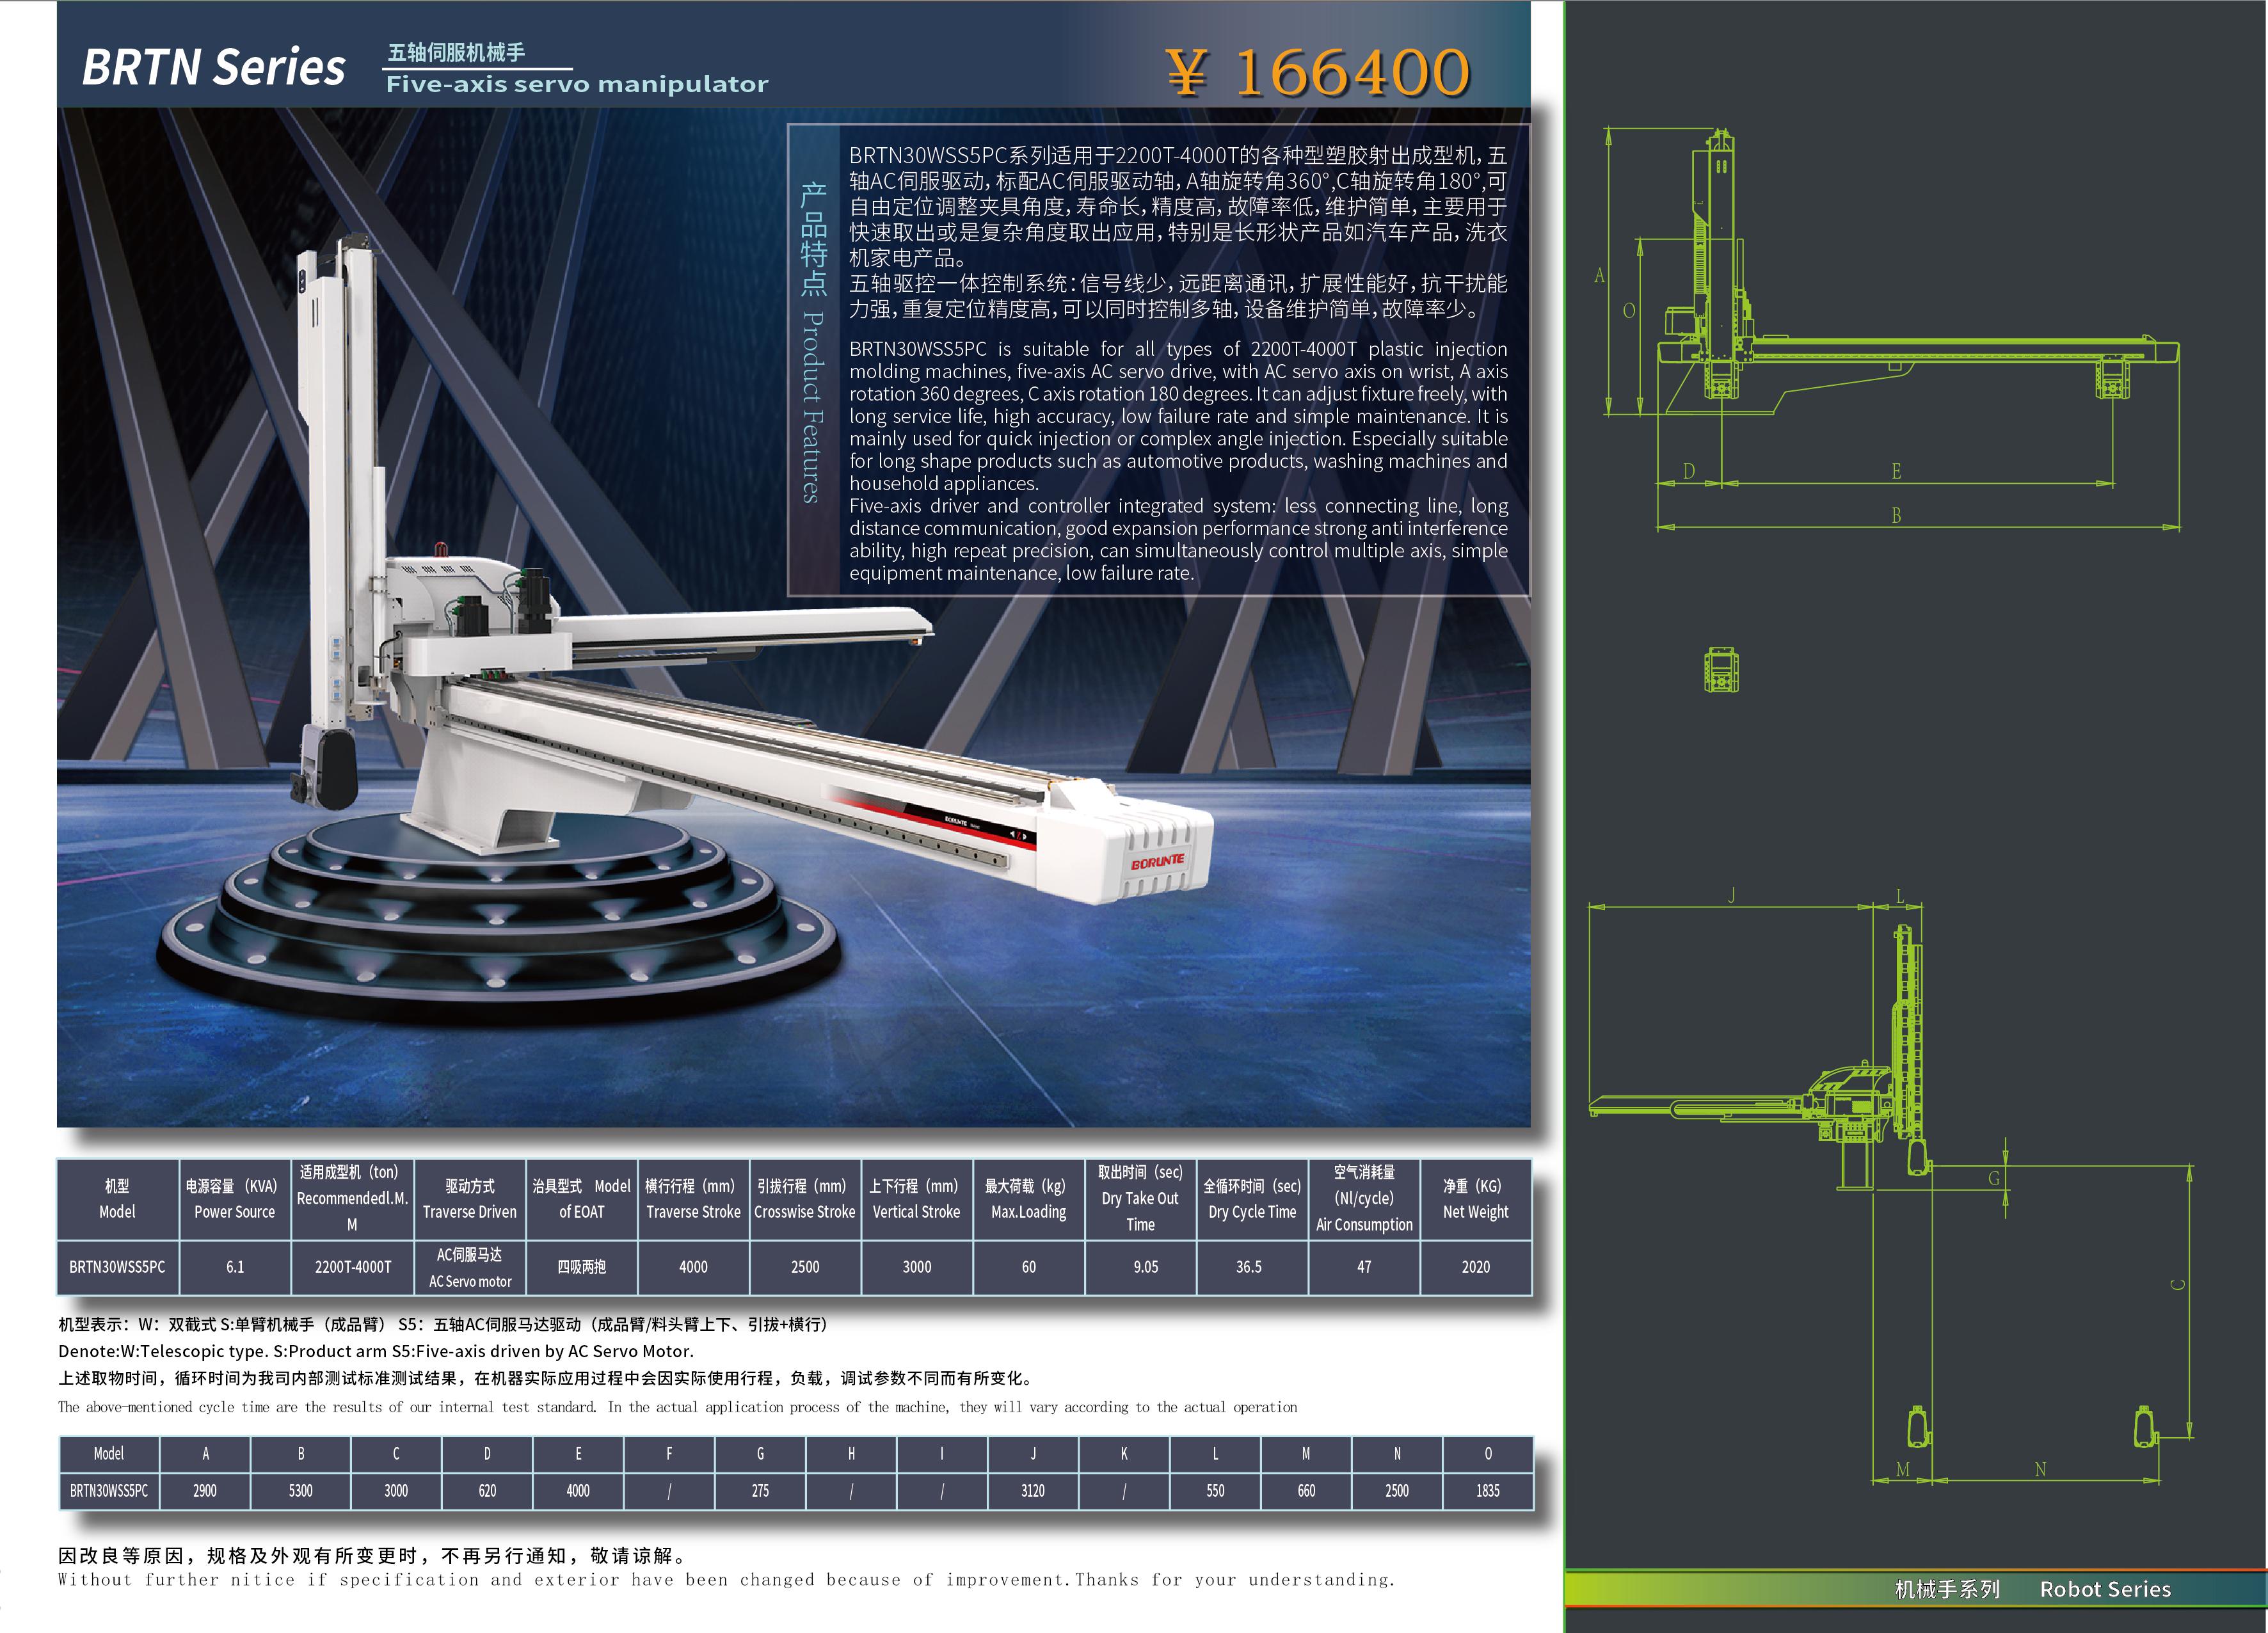 五軸伺服機械手BRTN30WSS5PC.jpg